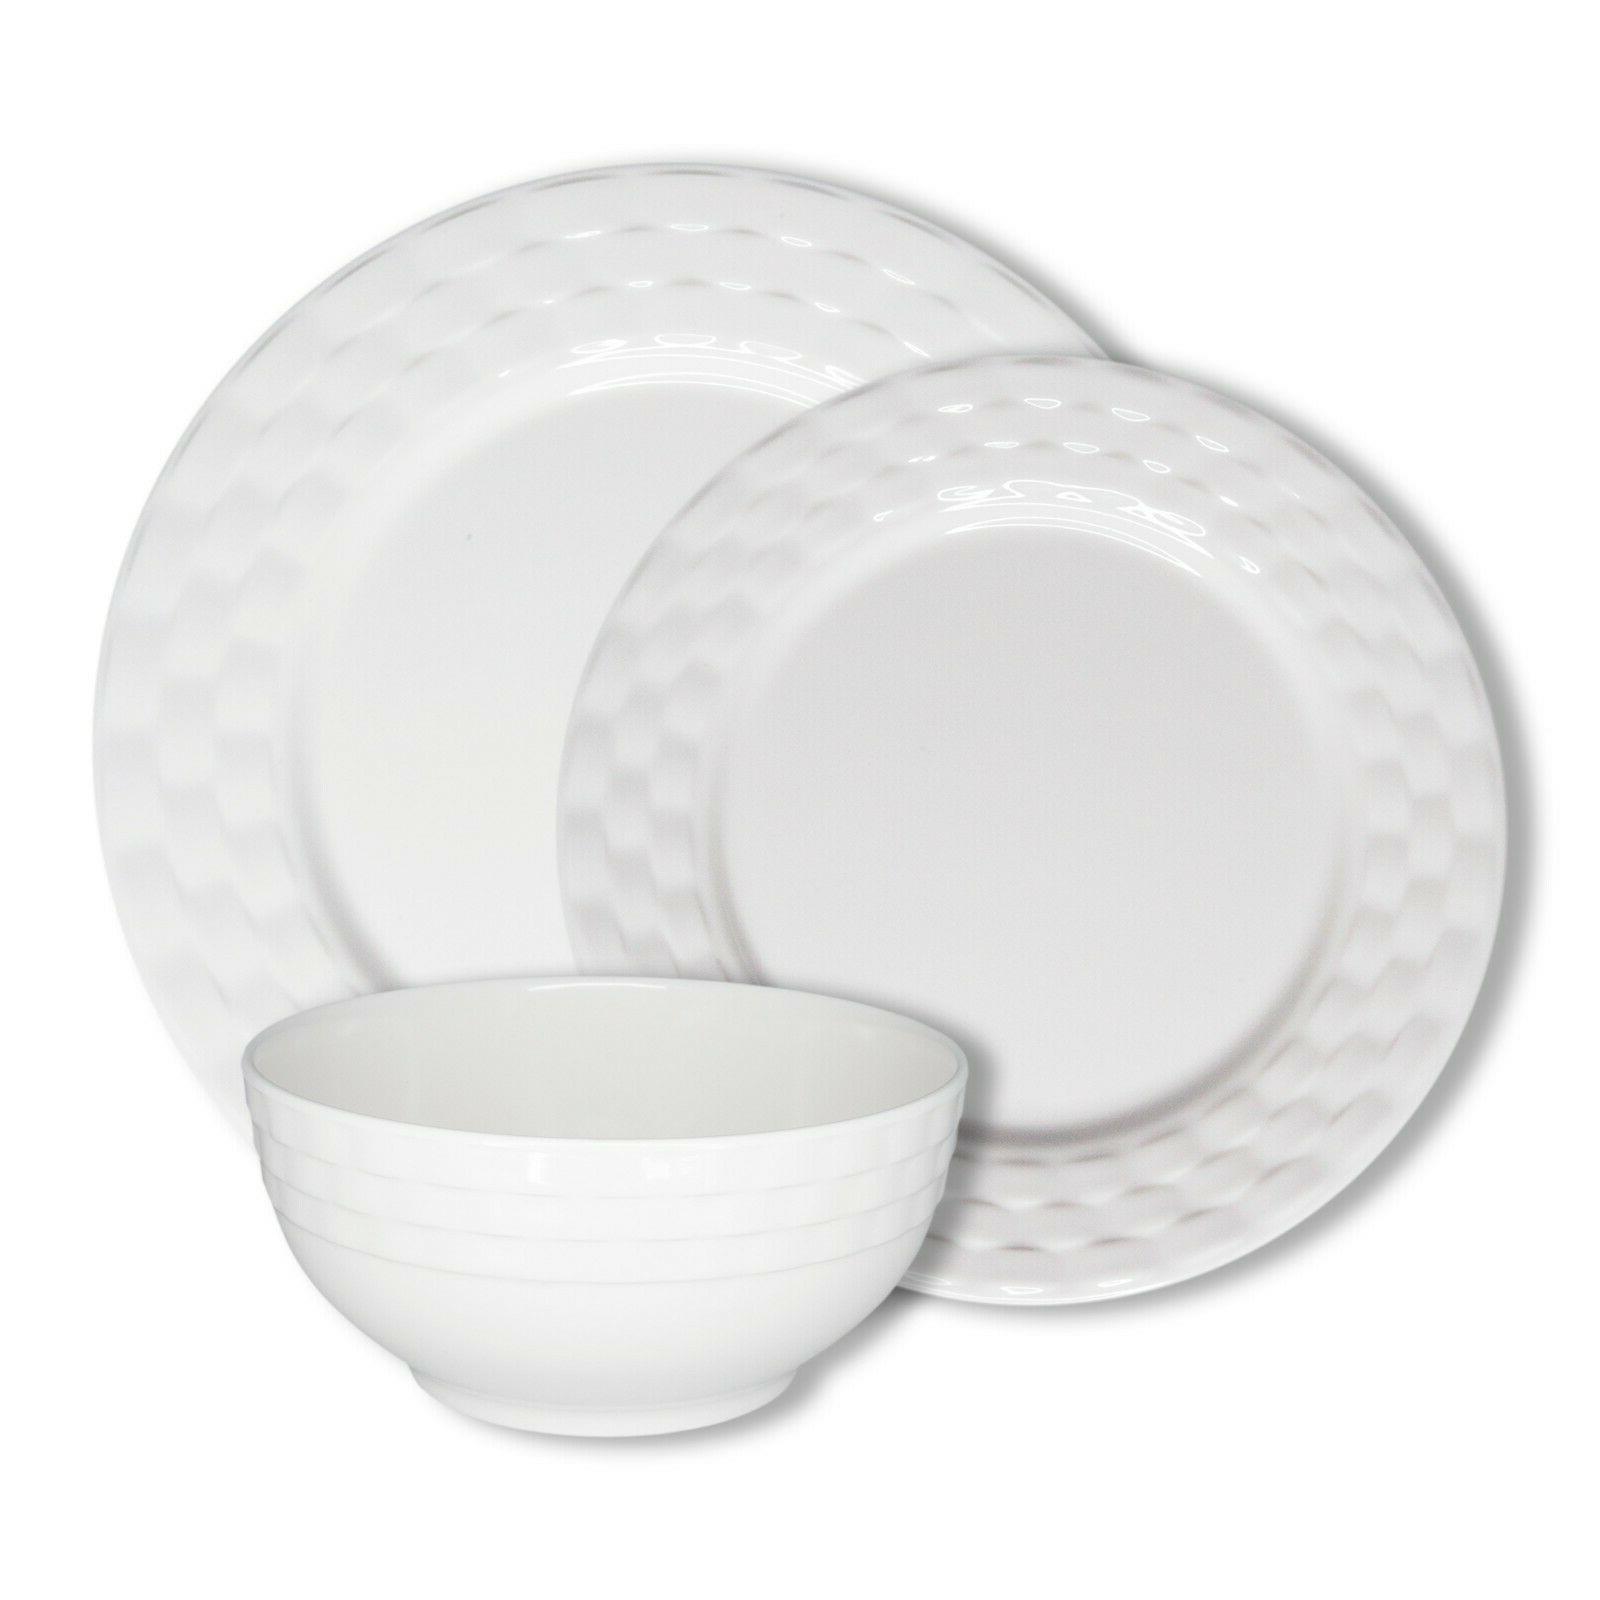 basket weave white 12 piece melamine dinnerware